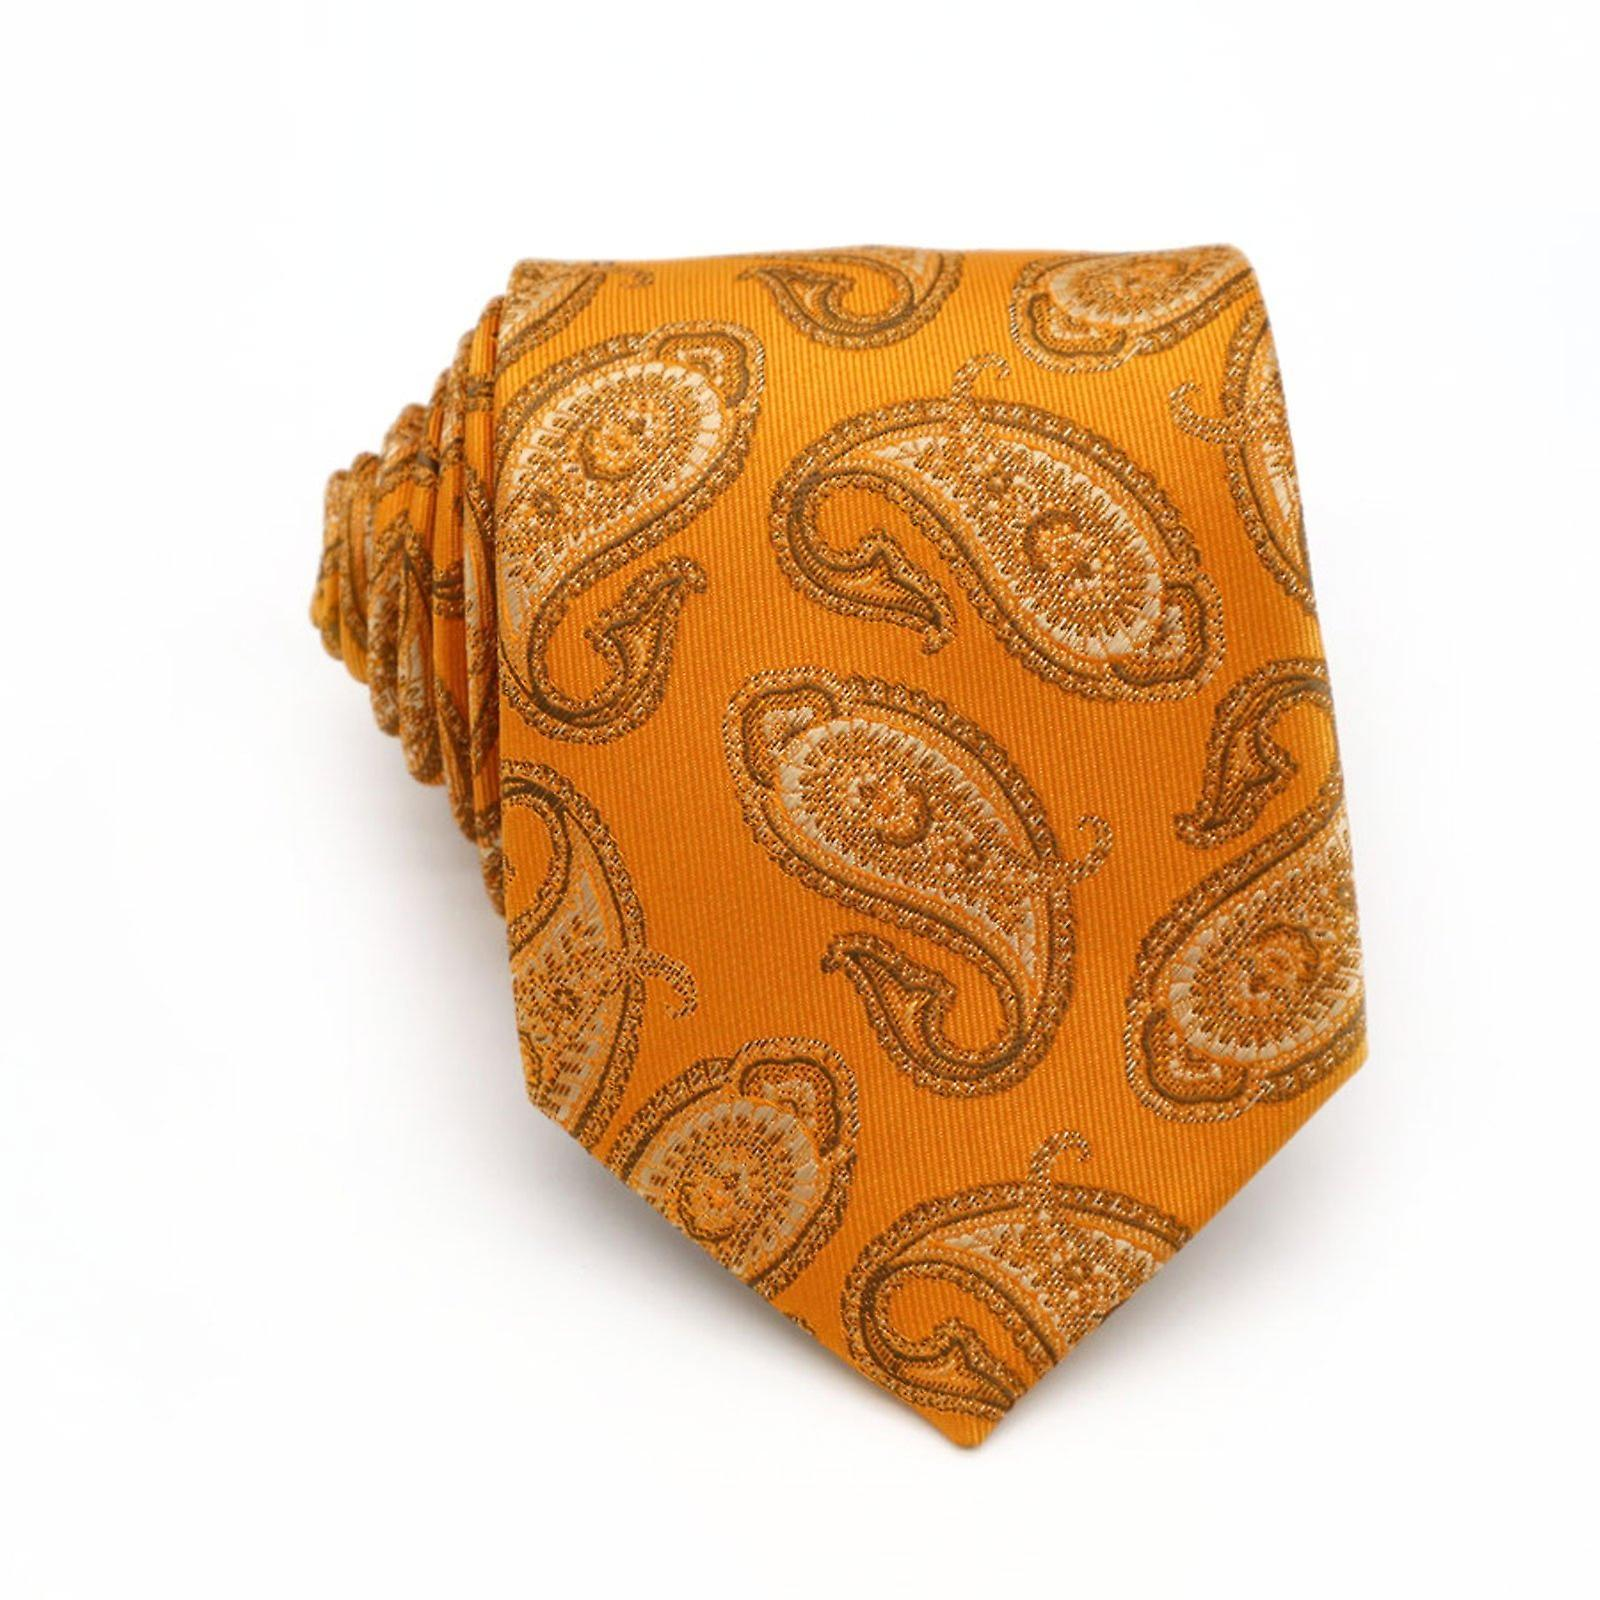 Burnt orange & light paisley necktie standard width tie